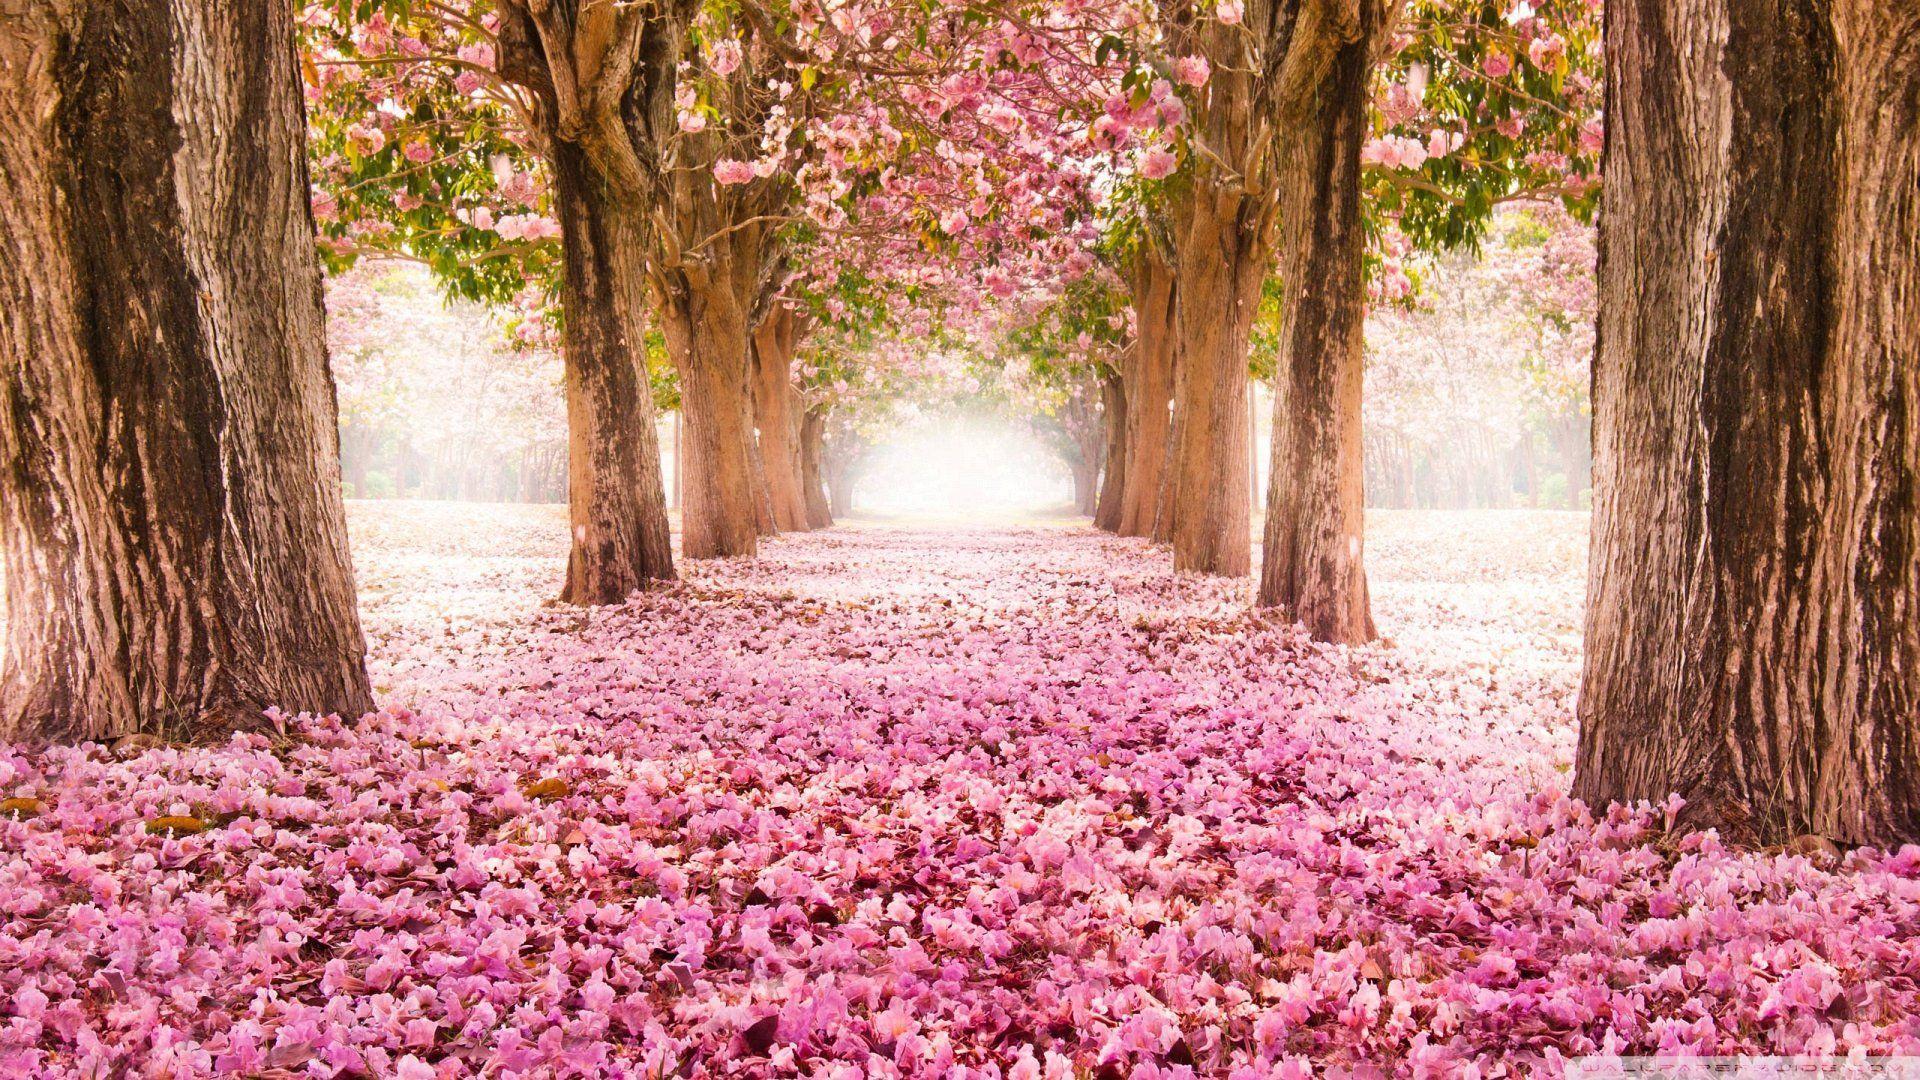 6400 Koleksi Romantic Nature Hd Wallpaper Gratis